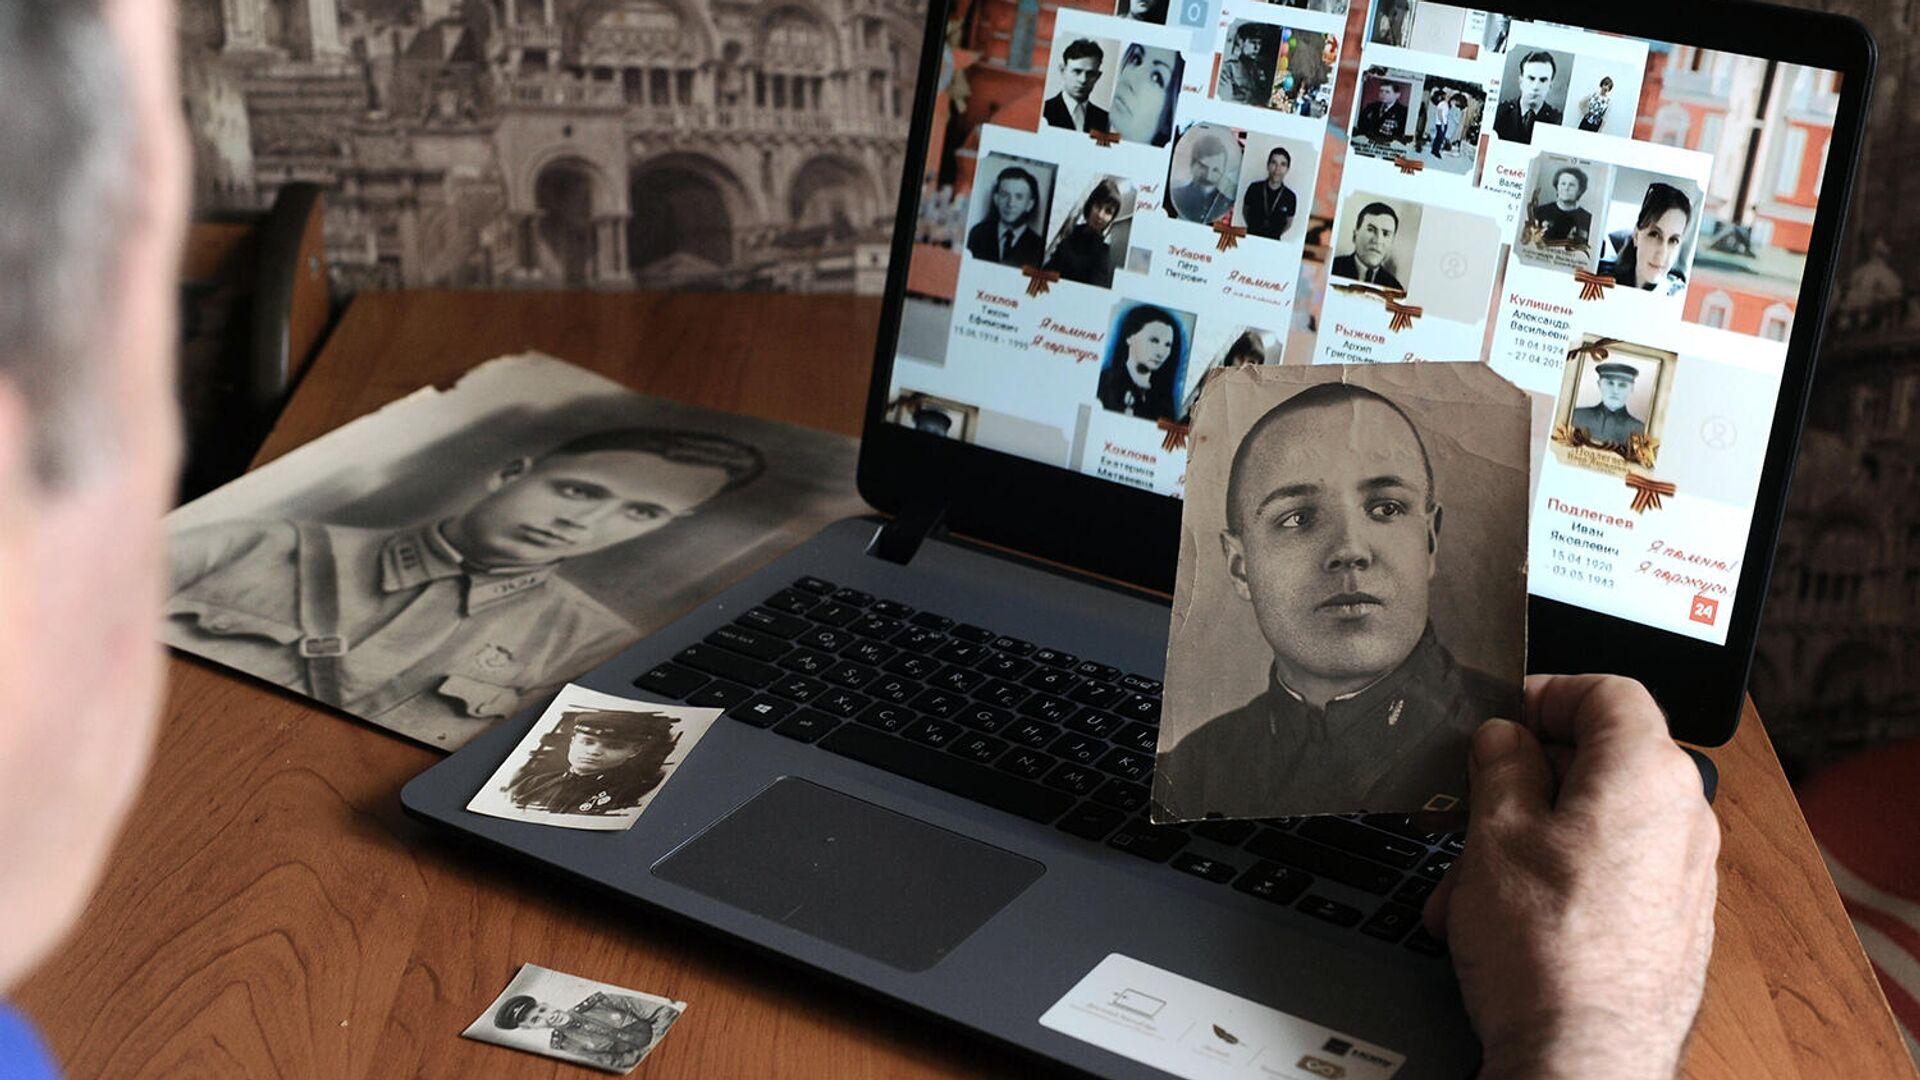 Мужчина смотрит онлайн-трансляцию акции Бессмертный полк - РИА Новости, 1920, 04.05.2021